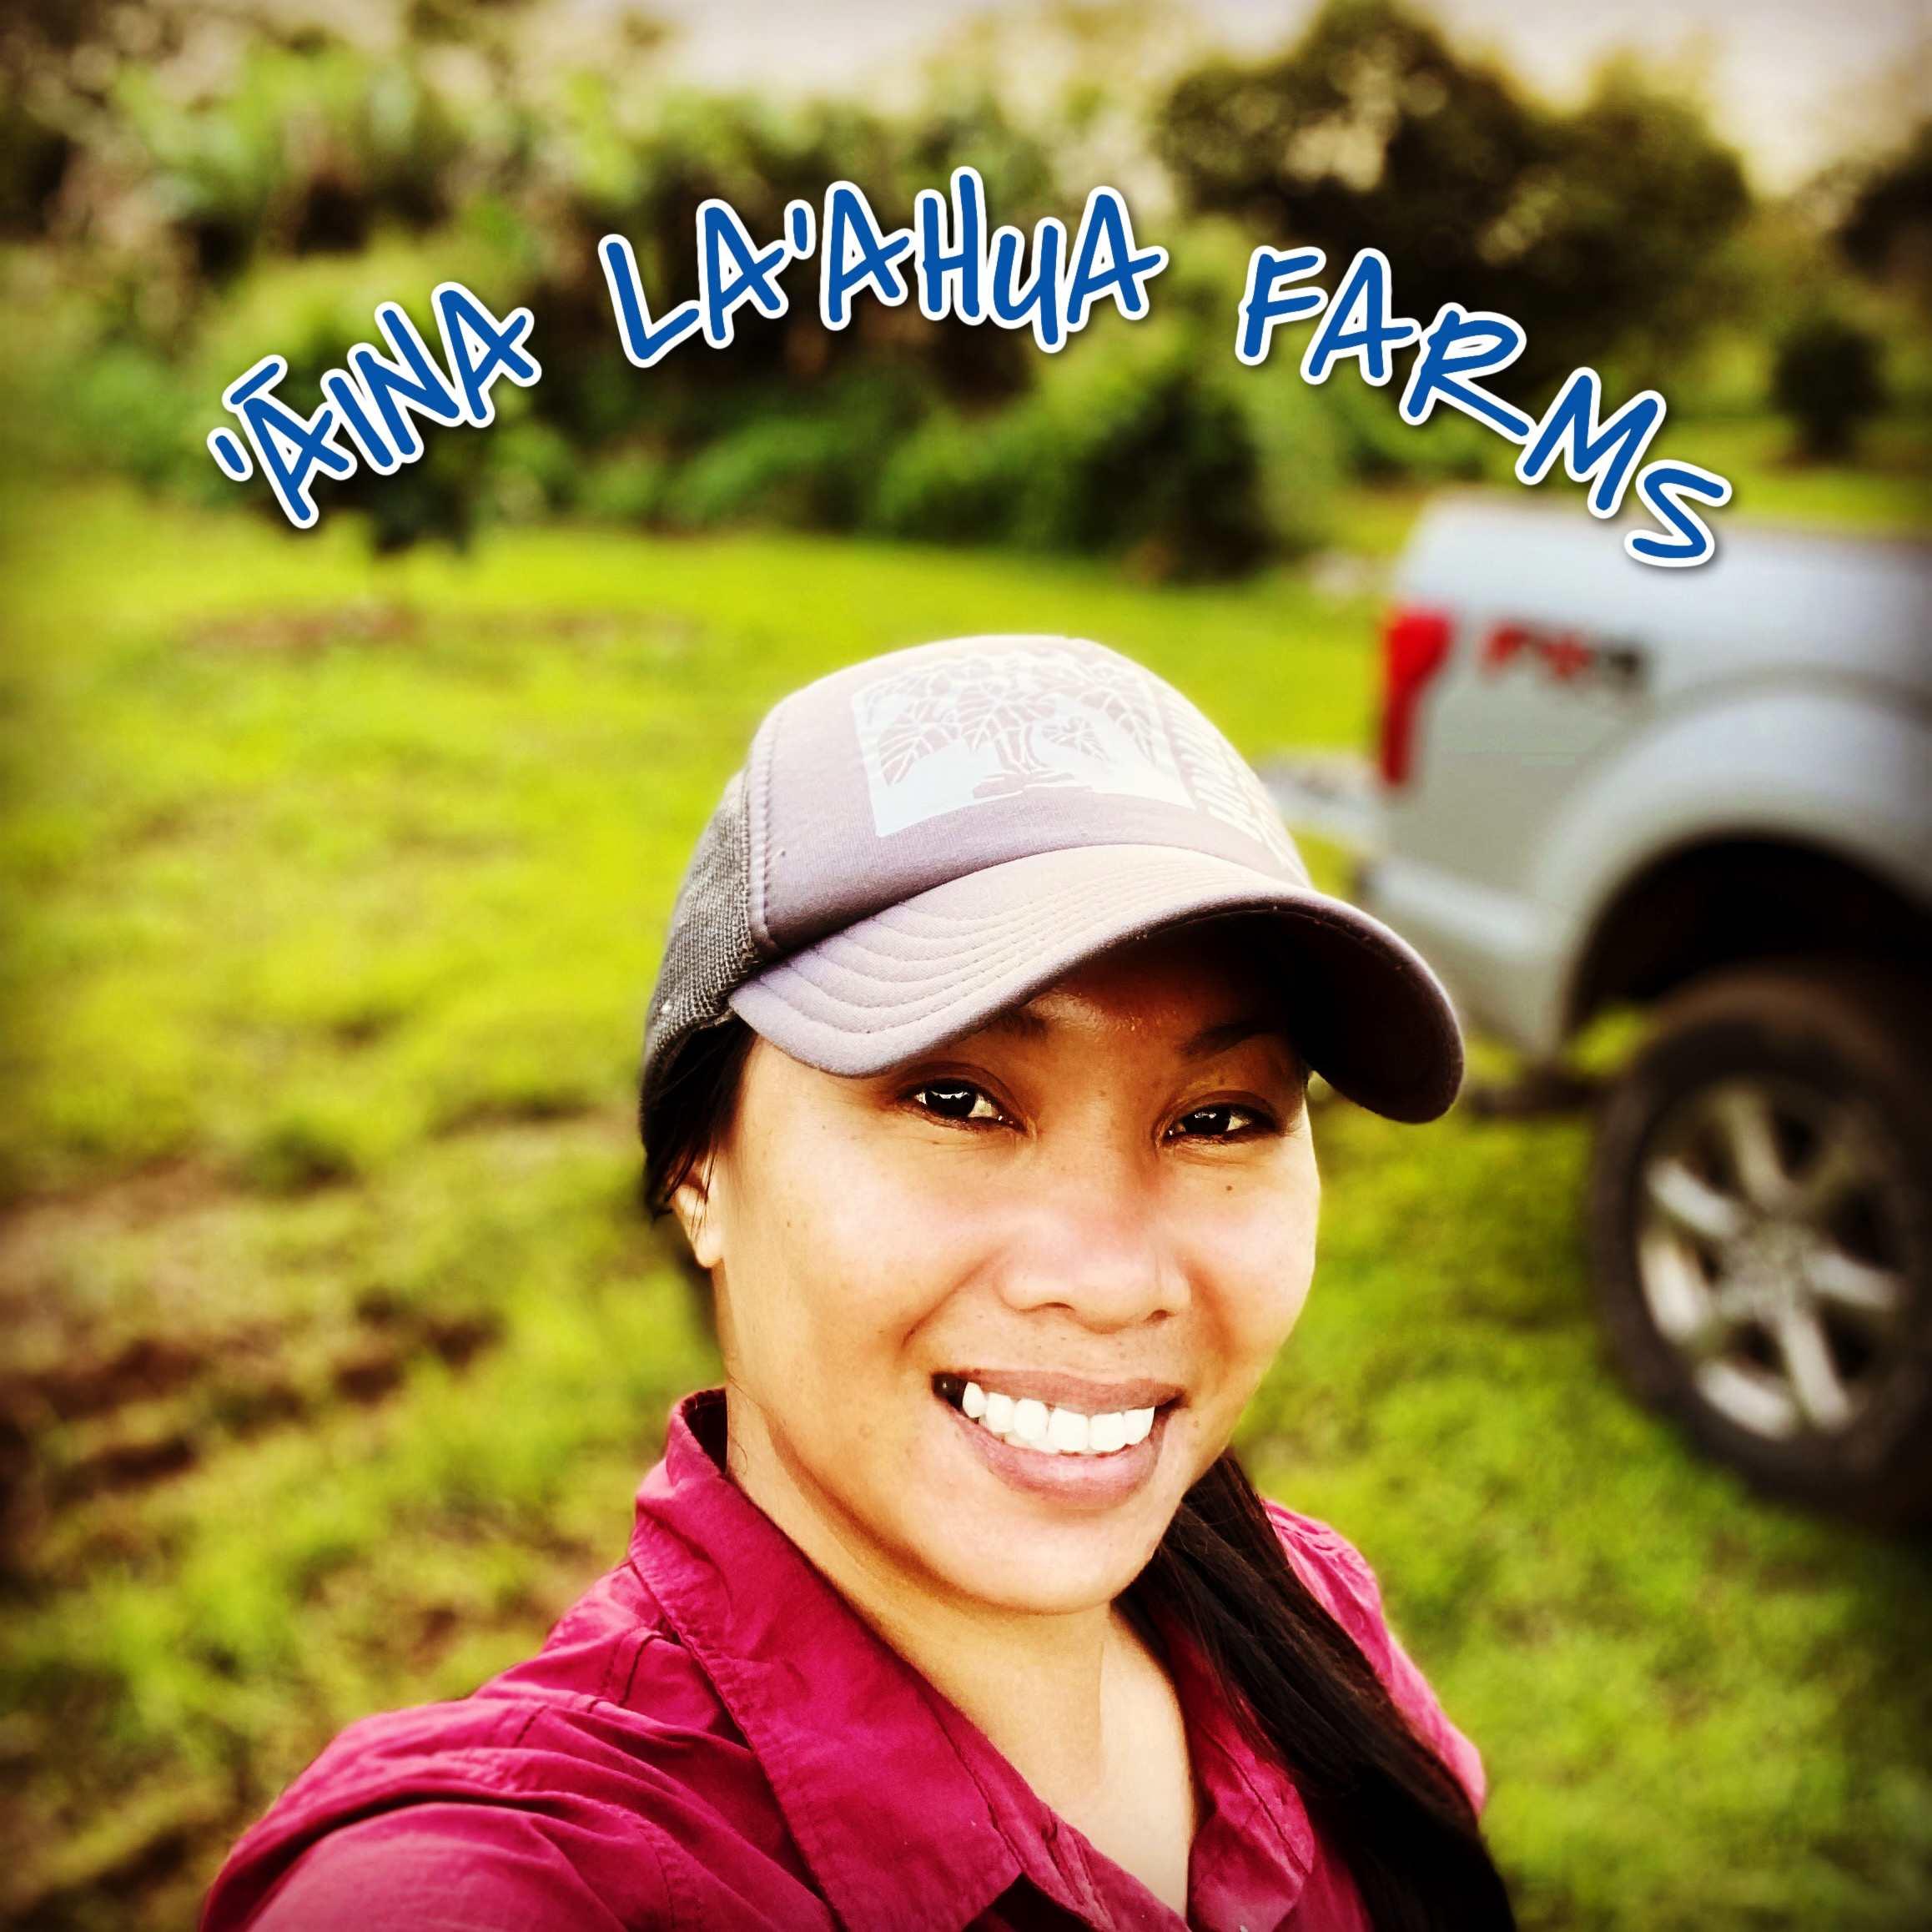 'Aina La'ahua Farms